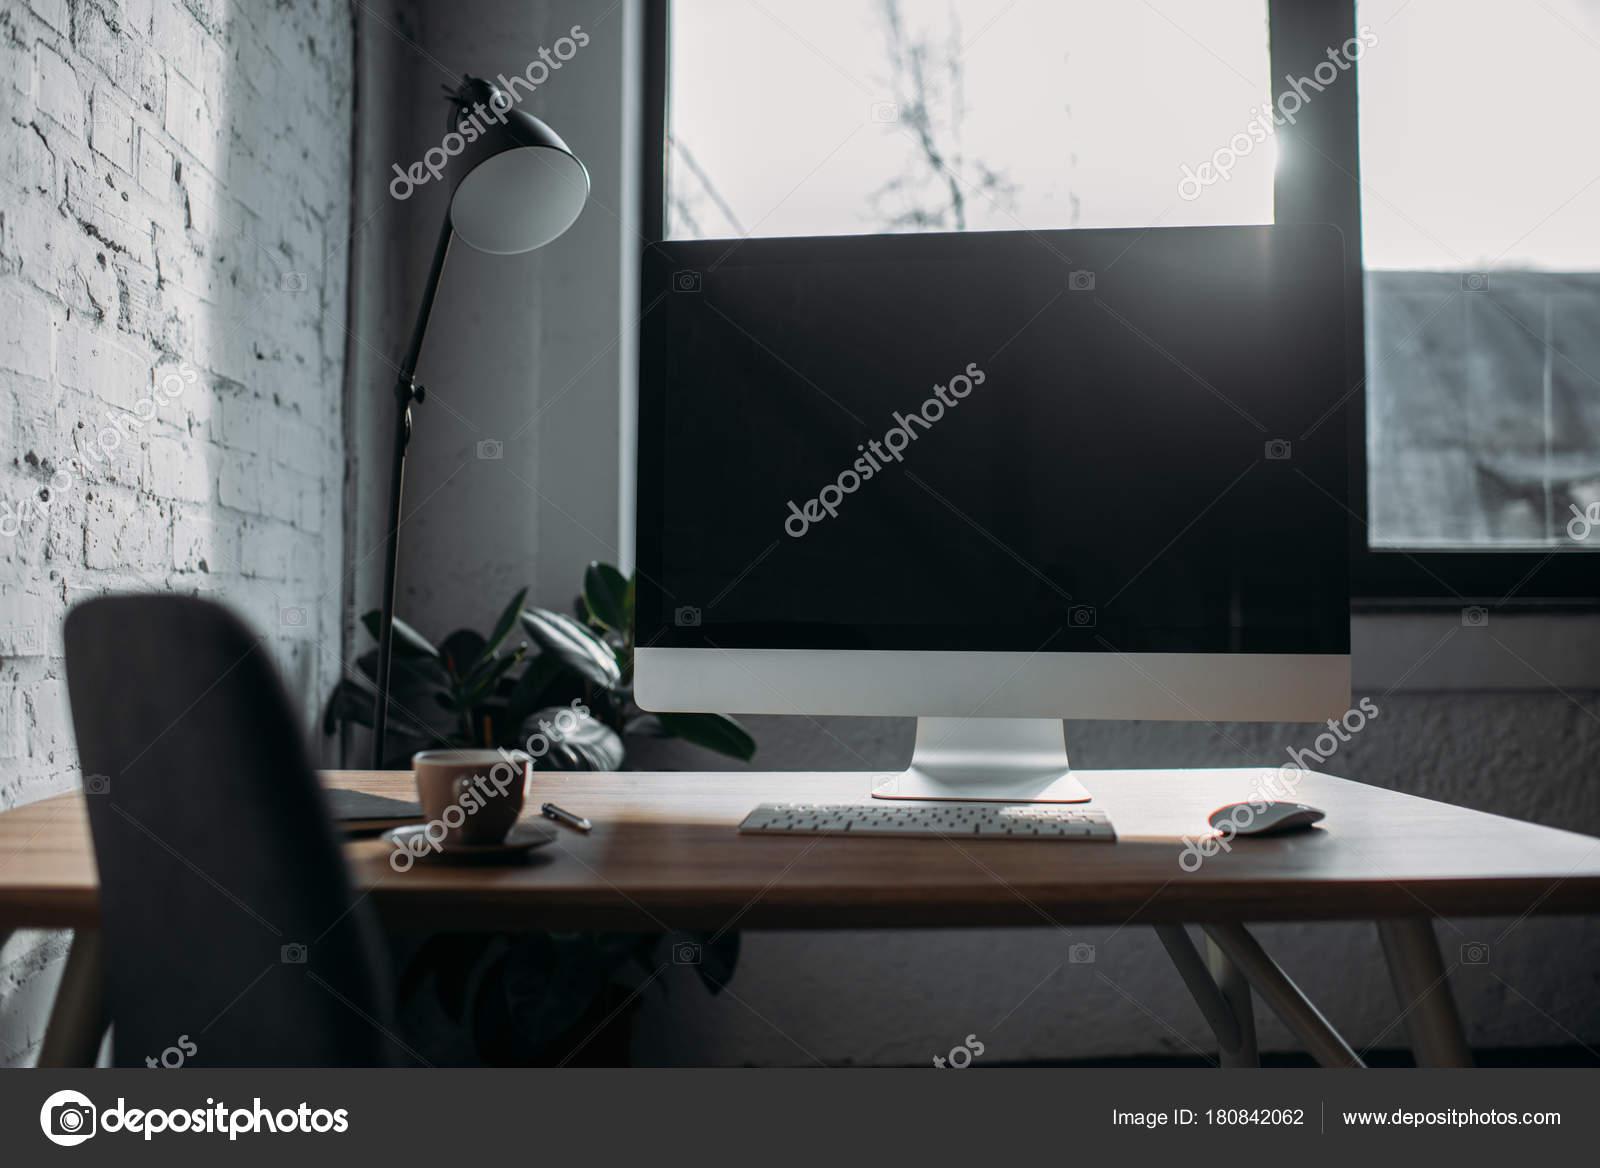 Ufficio Y : Computer lampada tavolo tazza ufficio u foto stock y boychenko